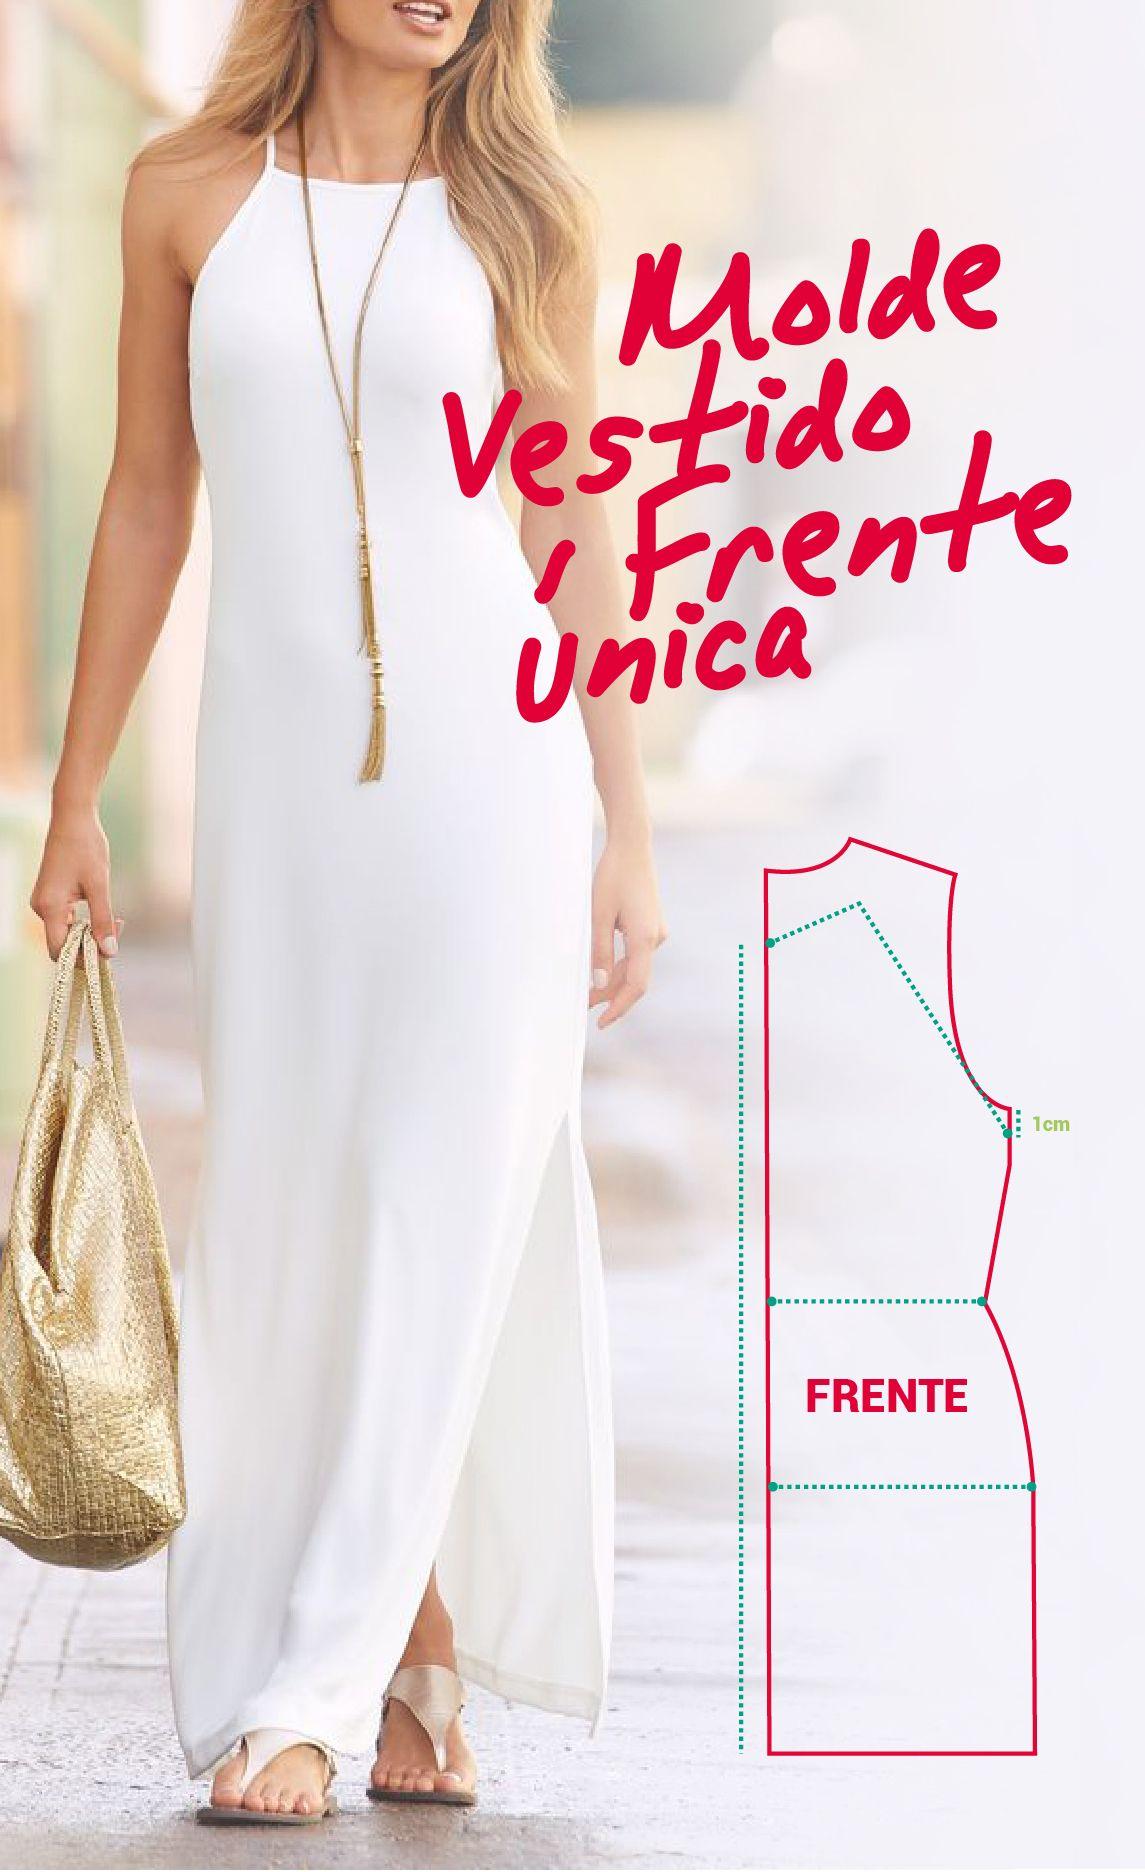 Pin de Conchi Fuentes en patrones | Pinterest | Costura, Vestidos y Ropa